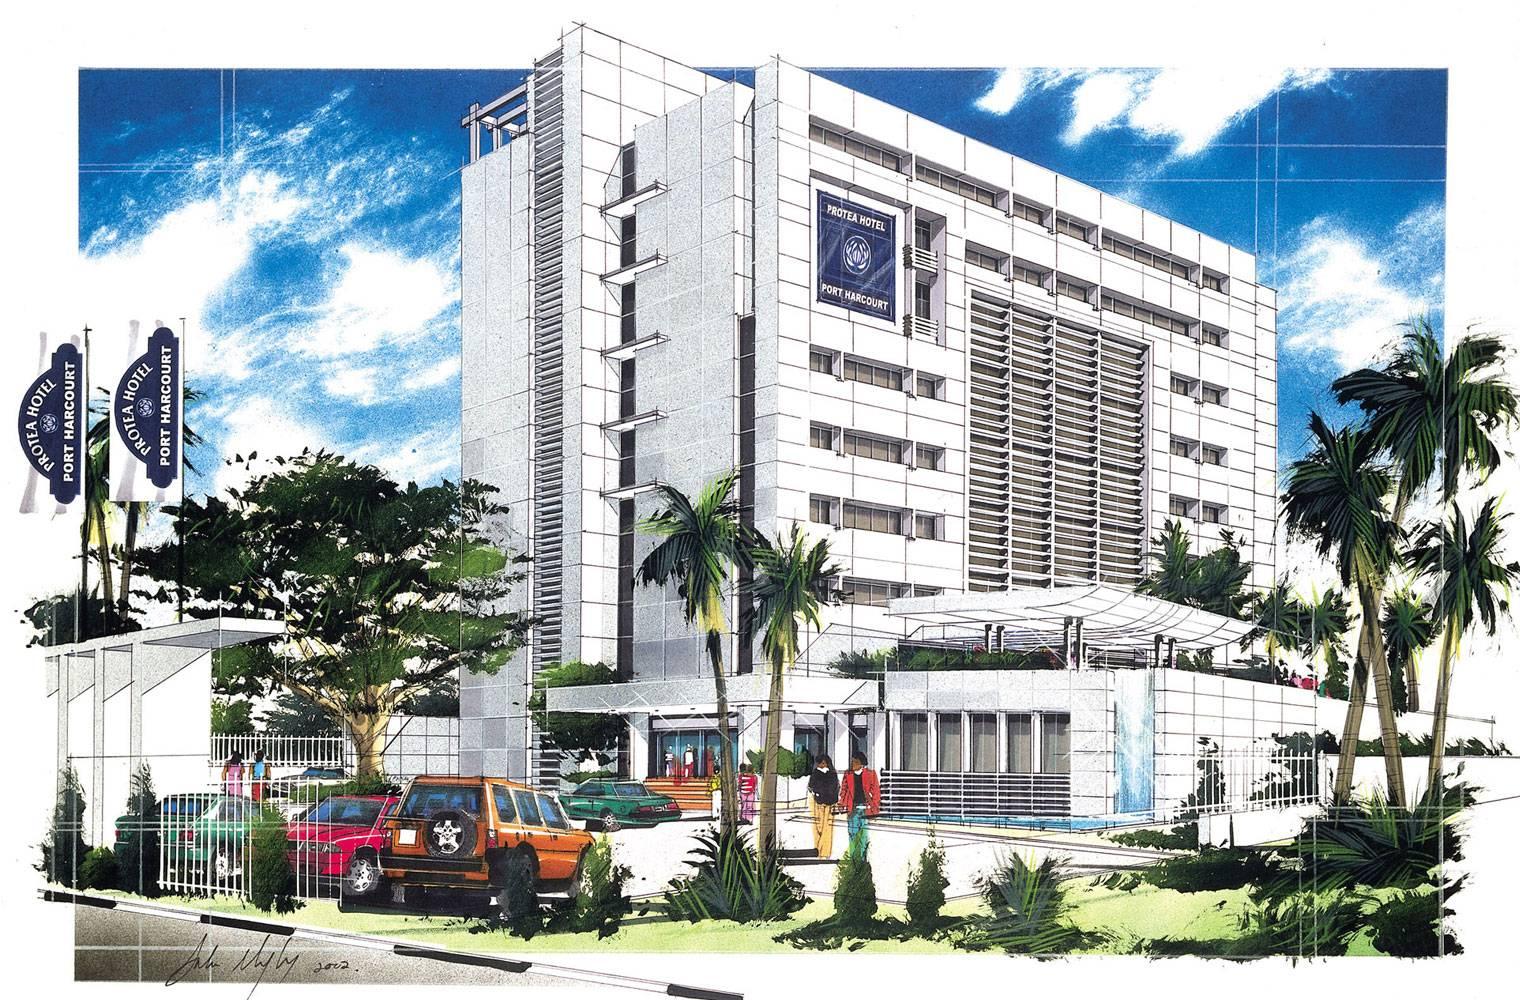 Protea Hotels  - Port Harcourt, Nigeria